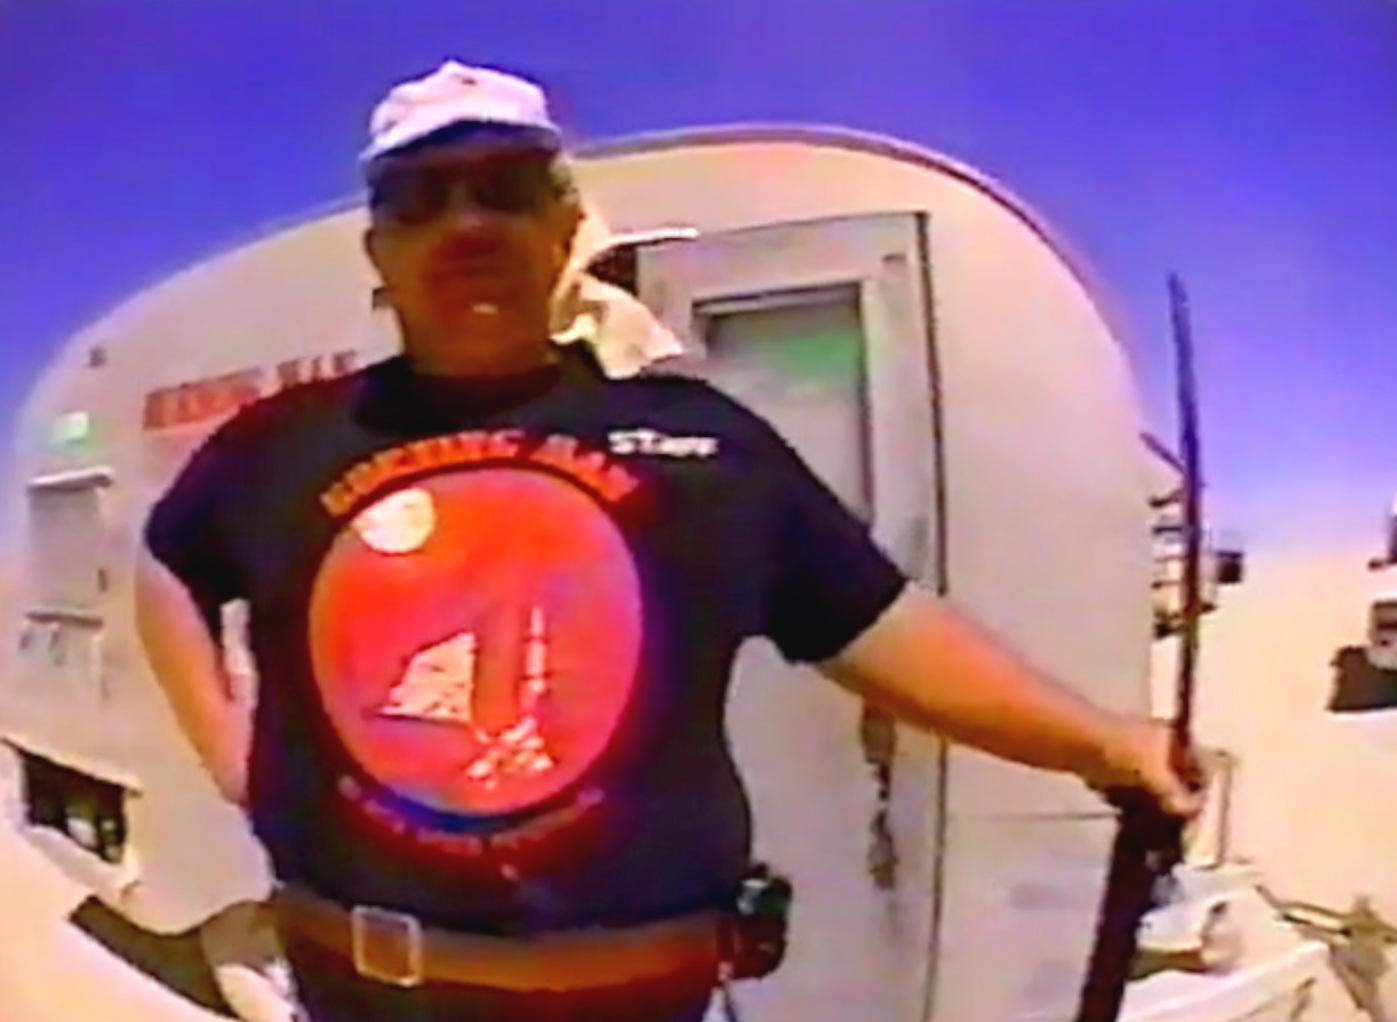 1992: Black Rock Arts Festival - More details on 1992